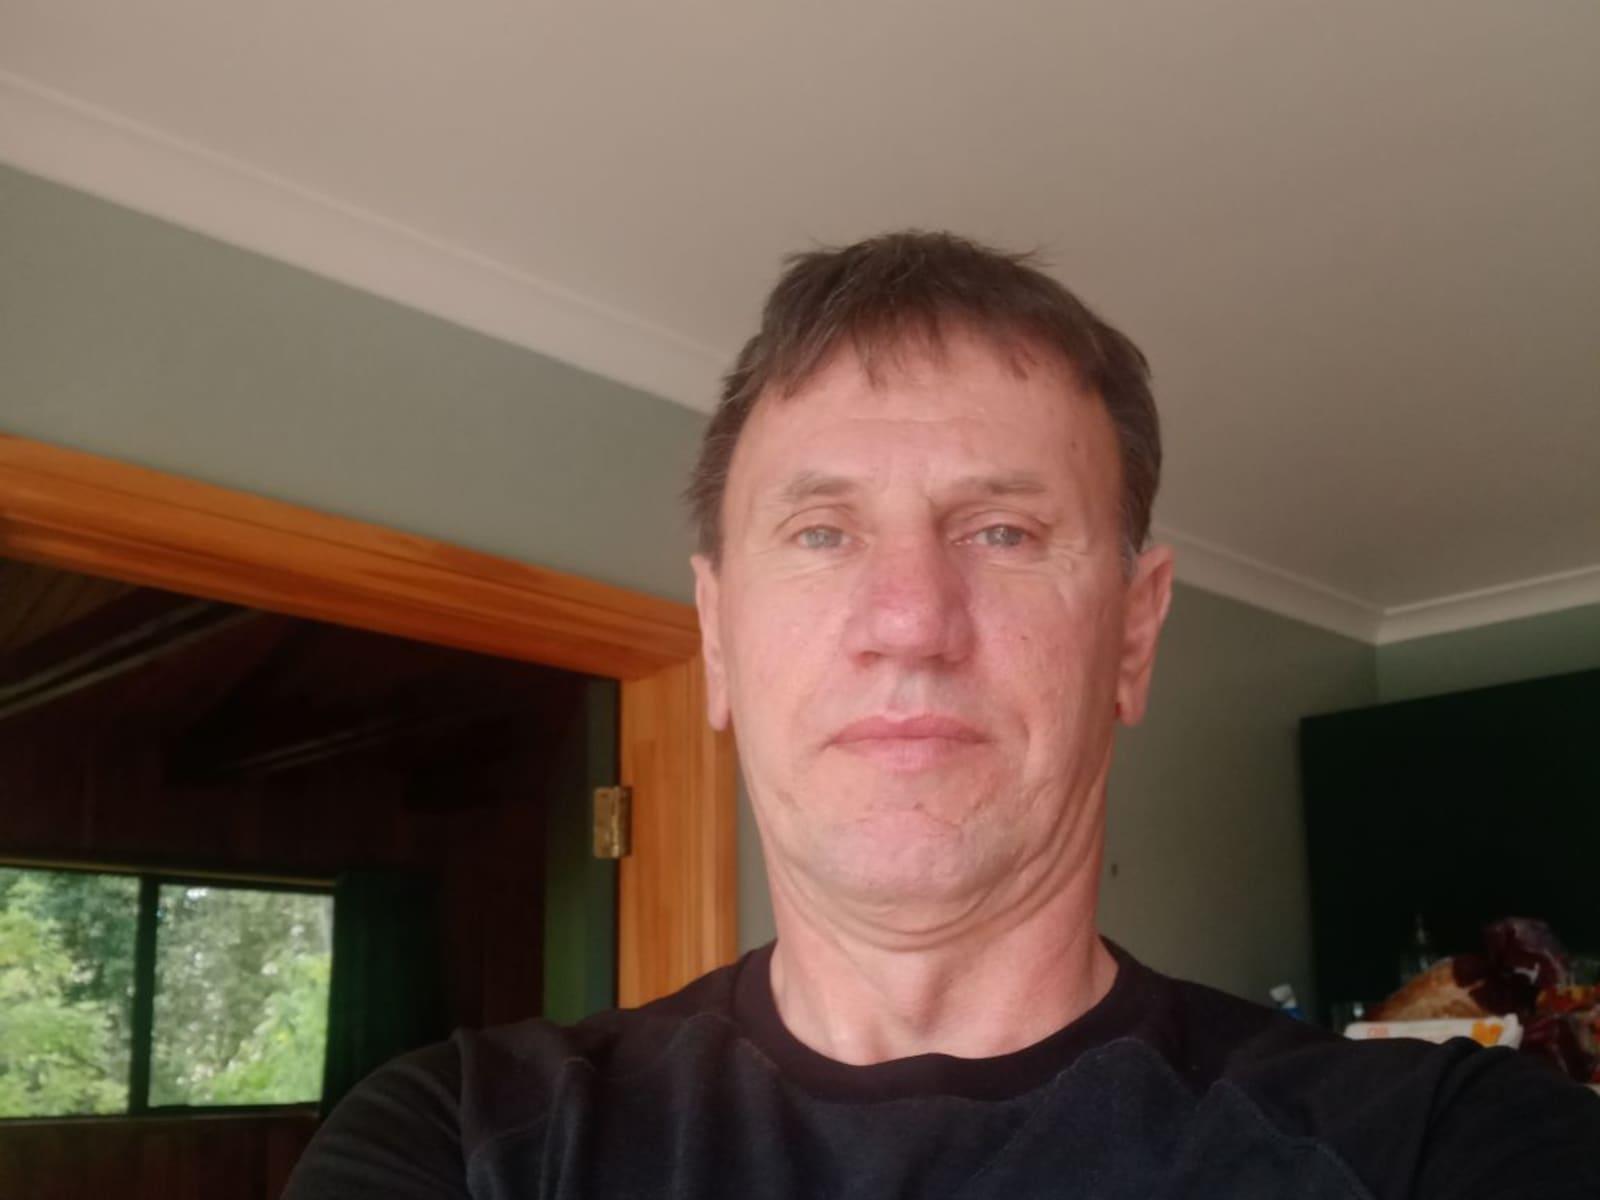 David from Masterton, New Zealand